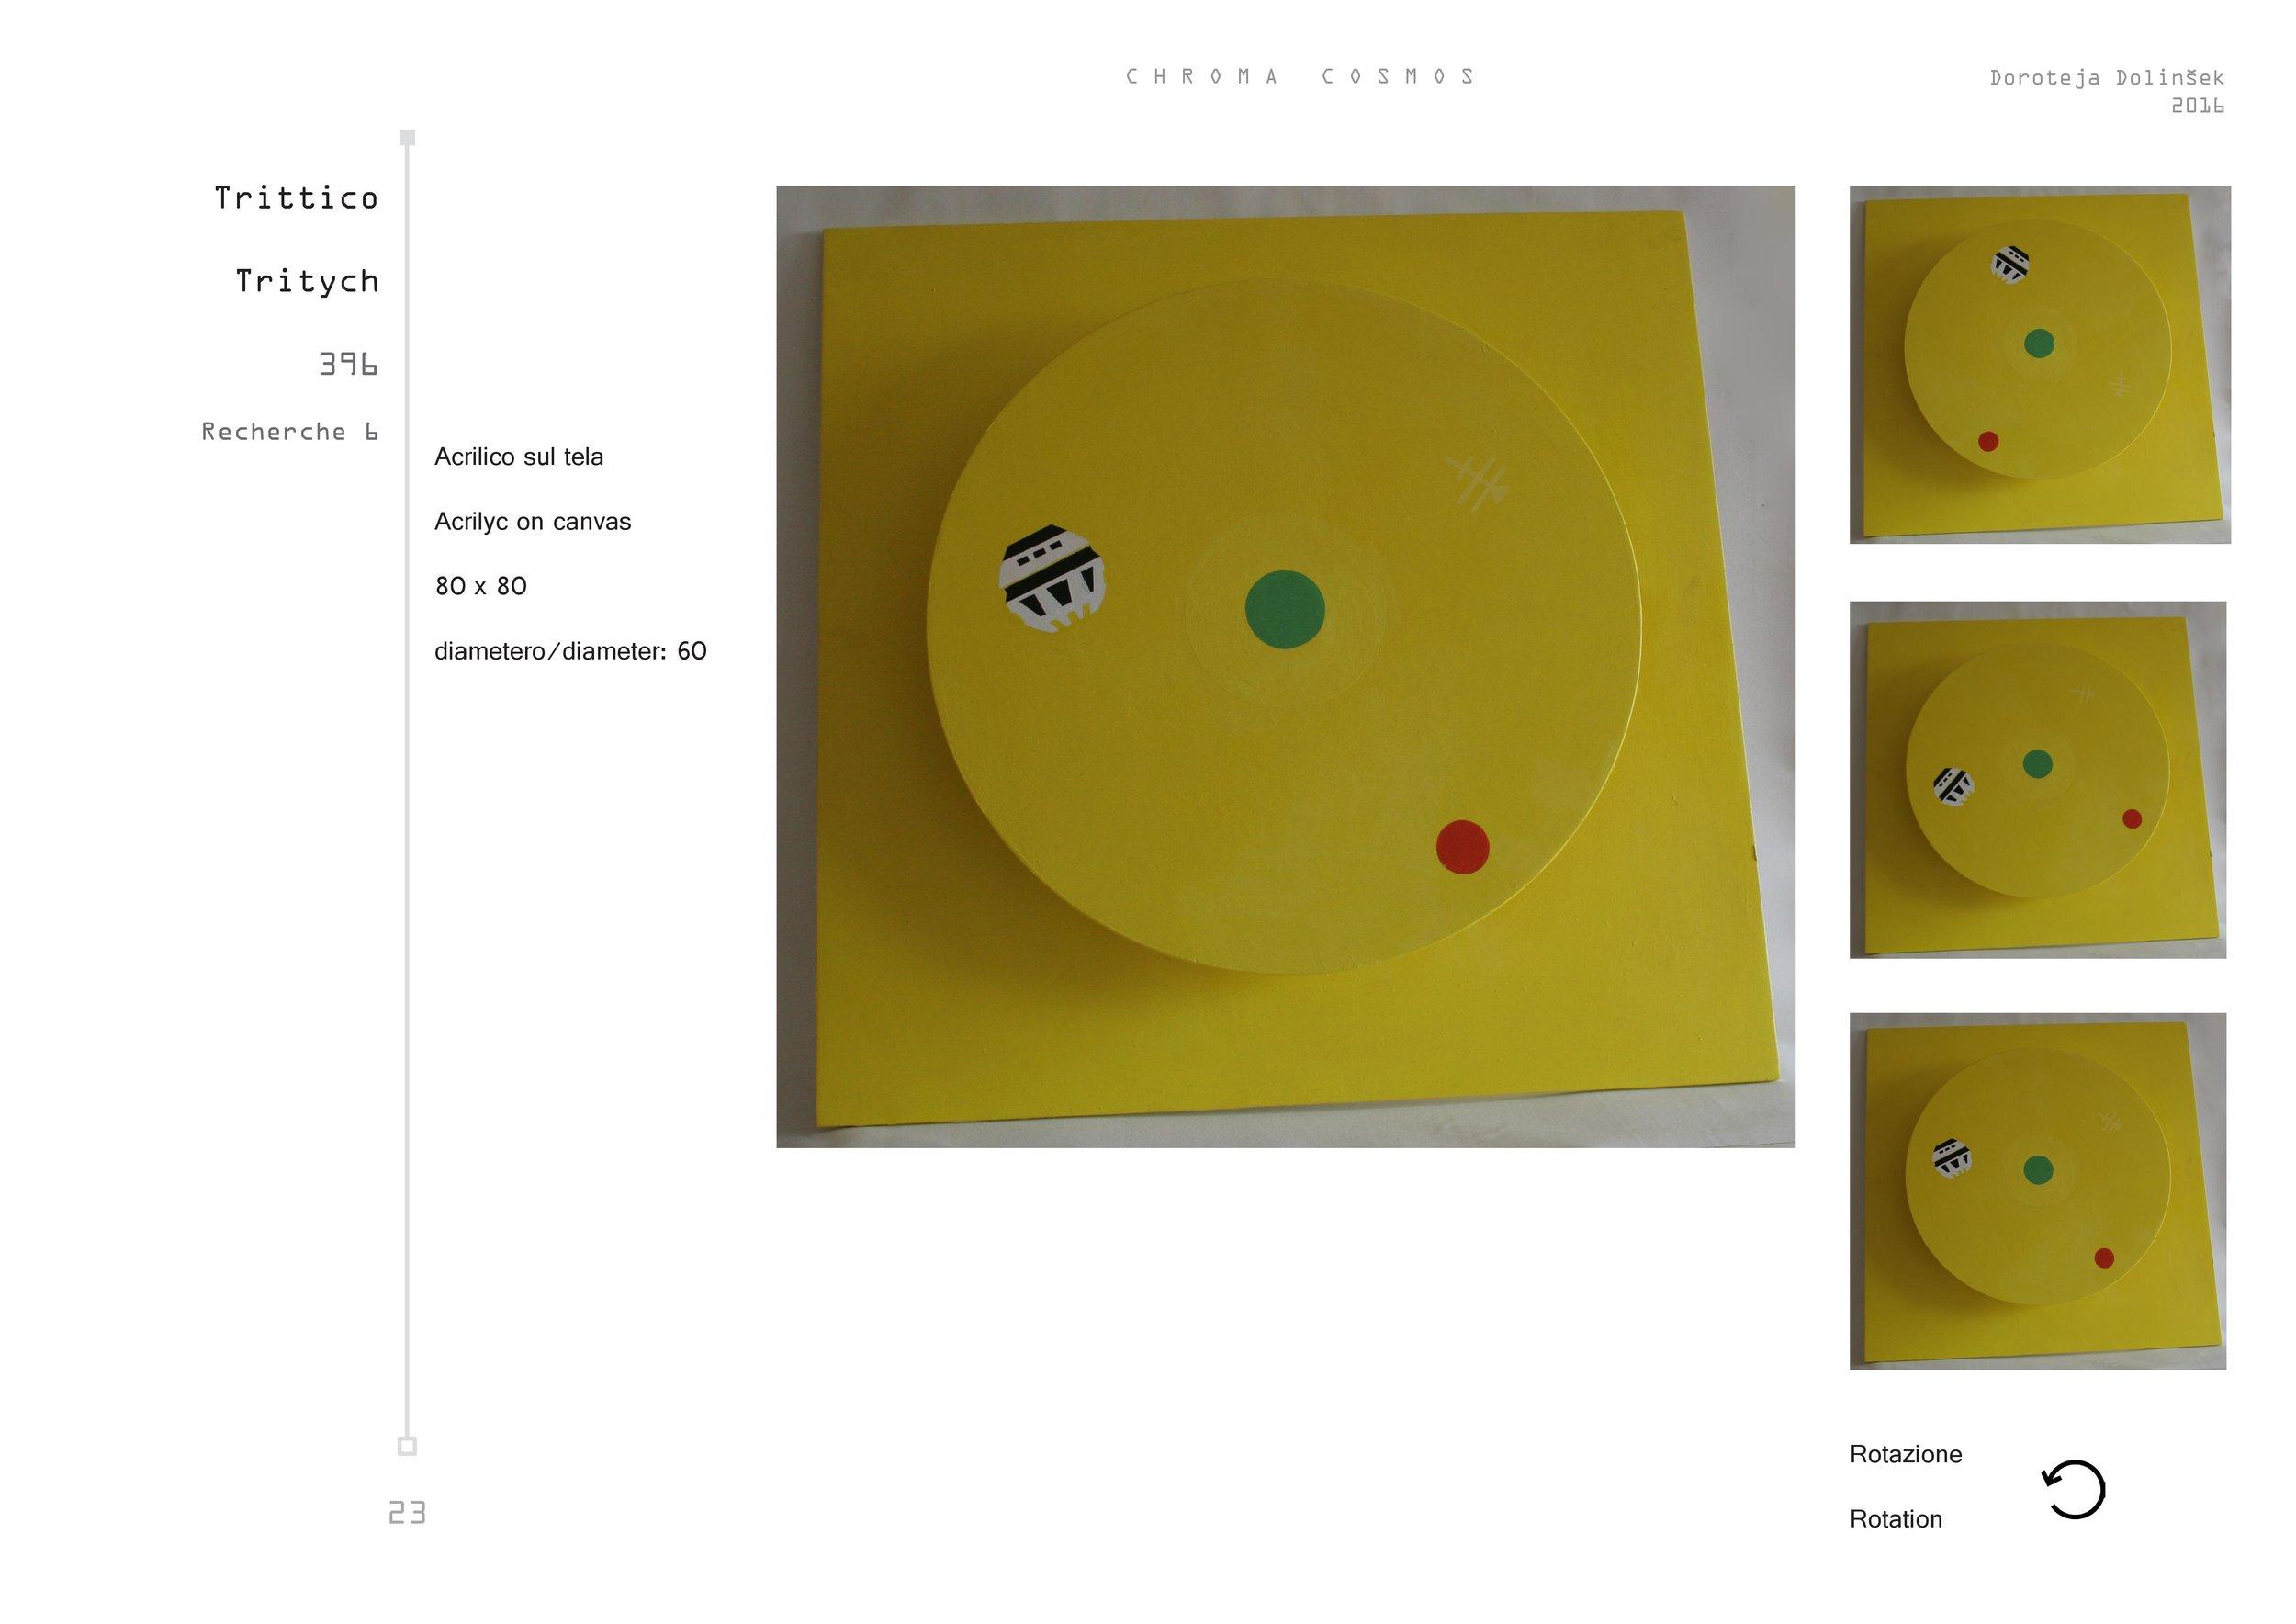 CHROMA COSMOS-page-023.jpg